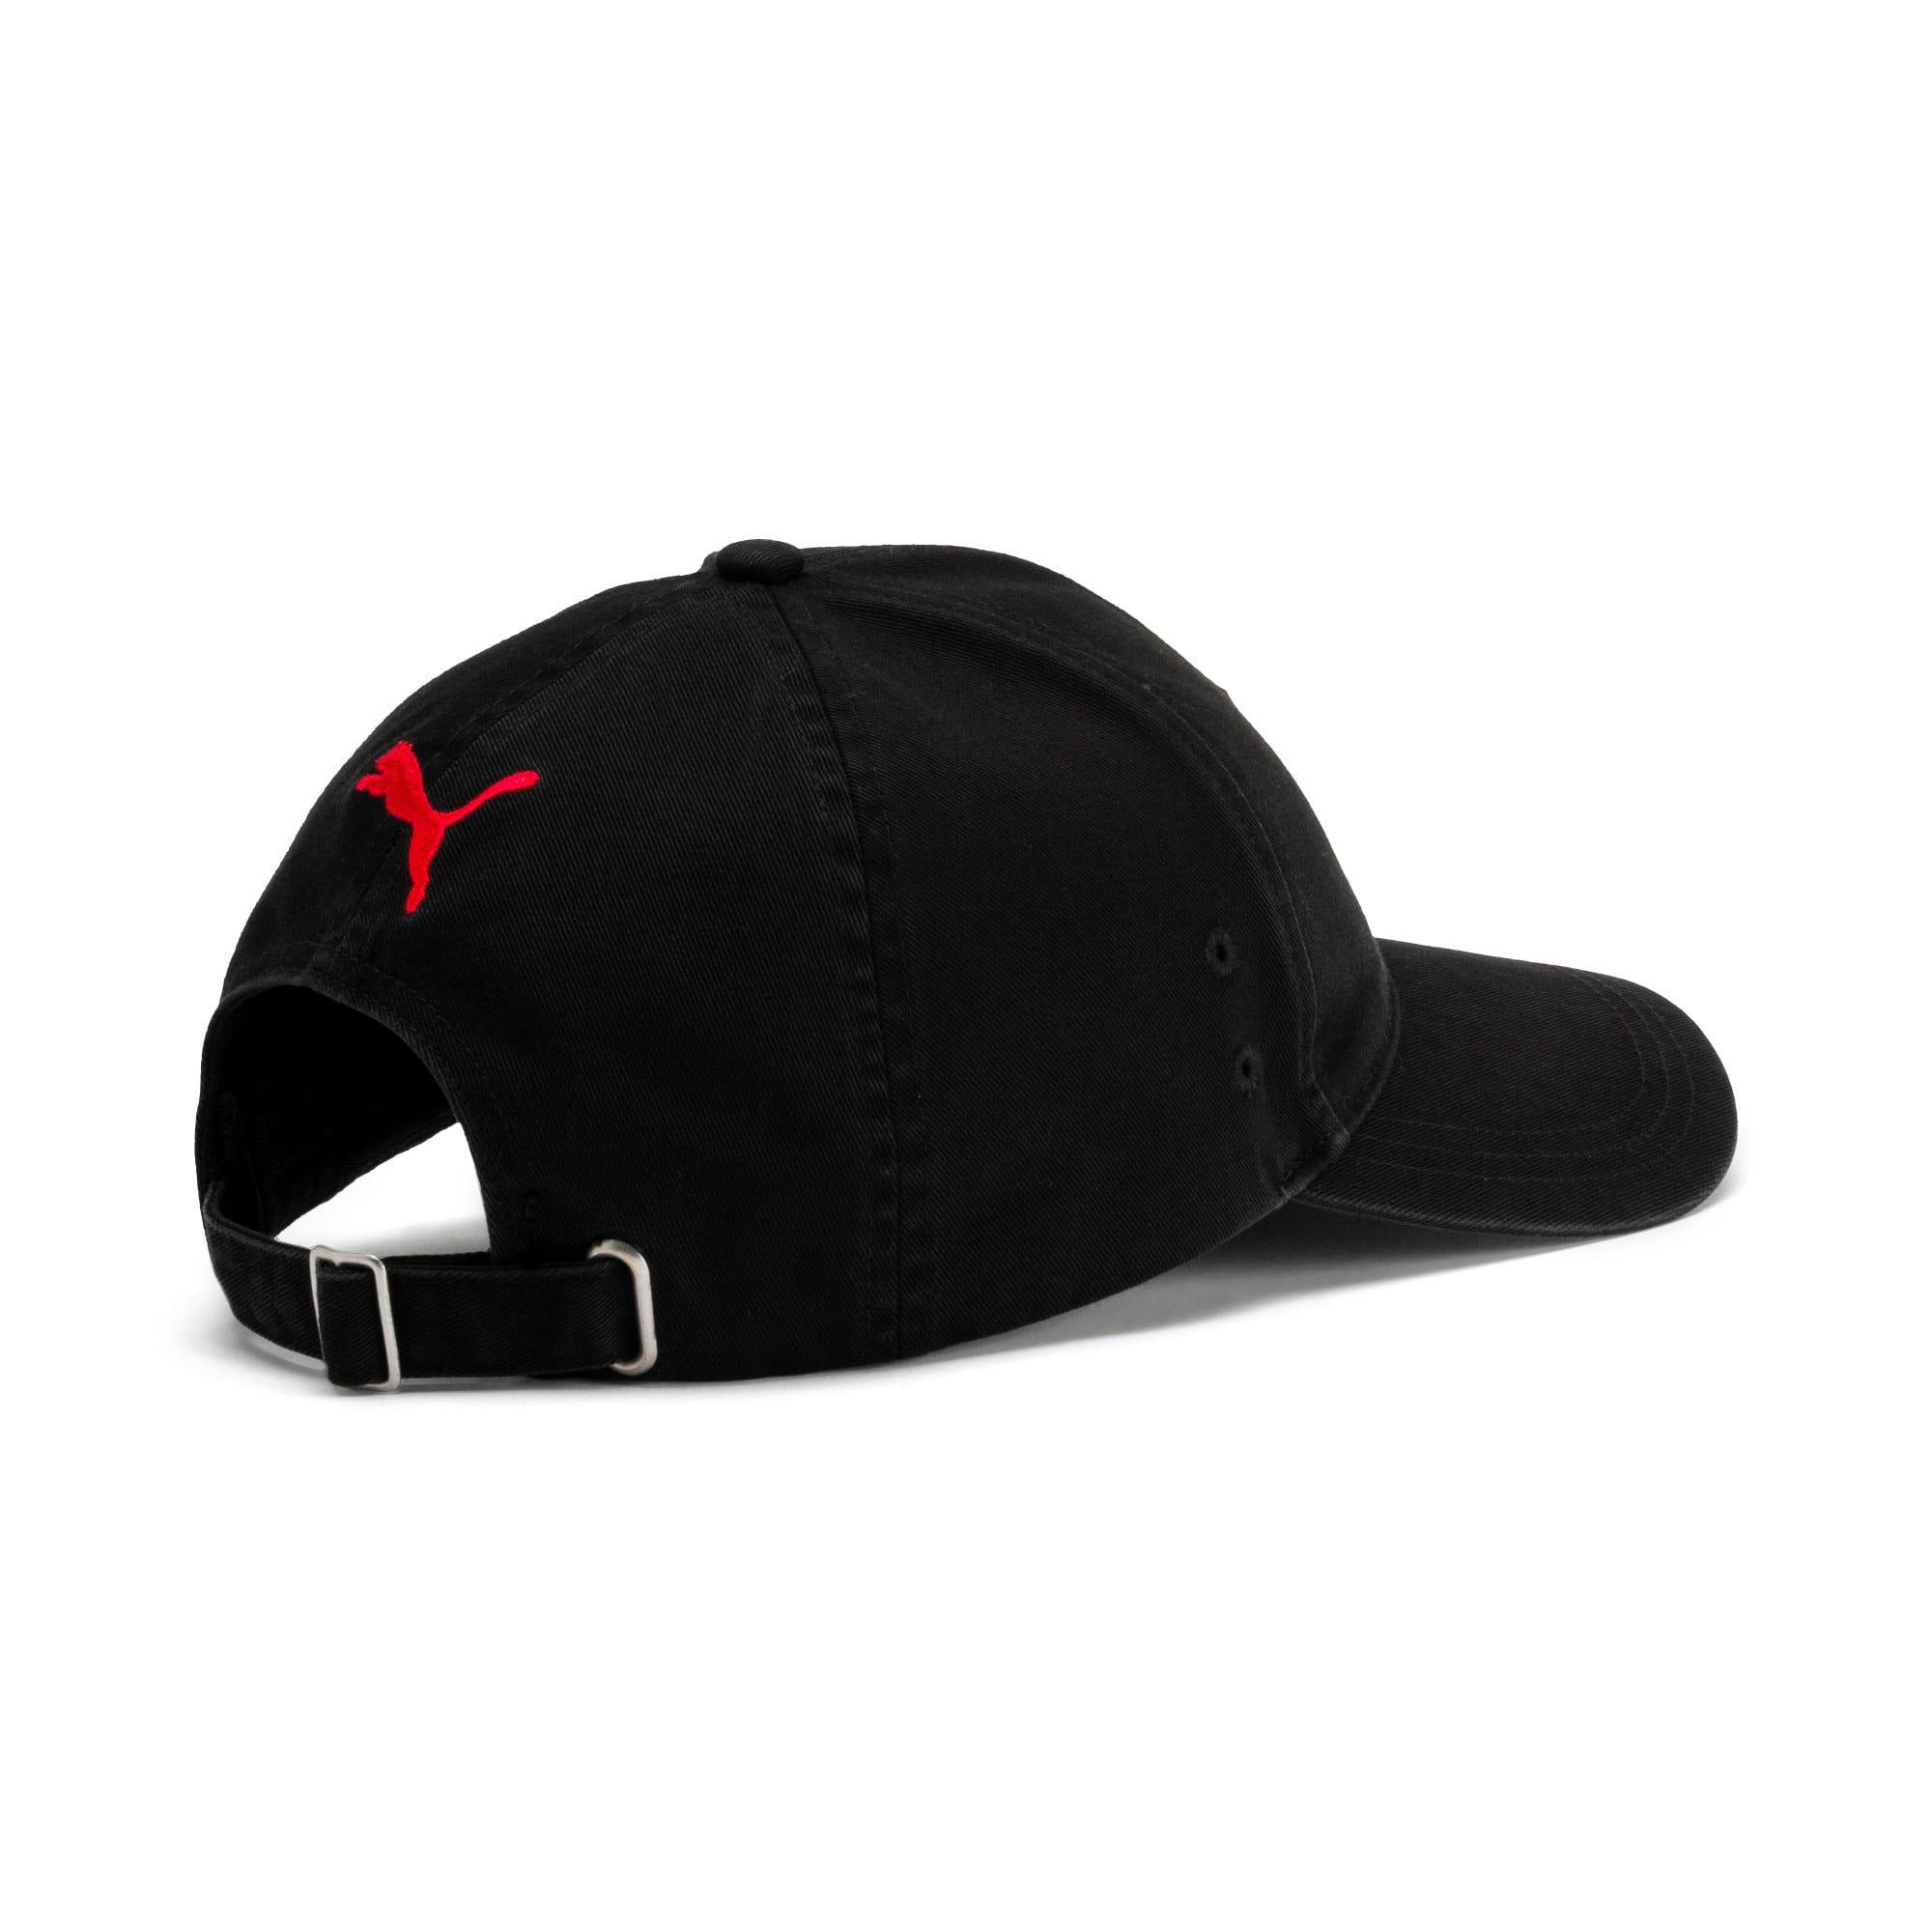 Thumbnail 2 of Scuderia Ferrari Fan Baseball Hat, Puma Black, medium